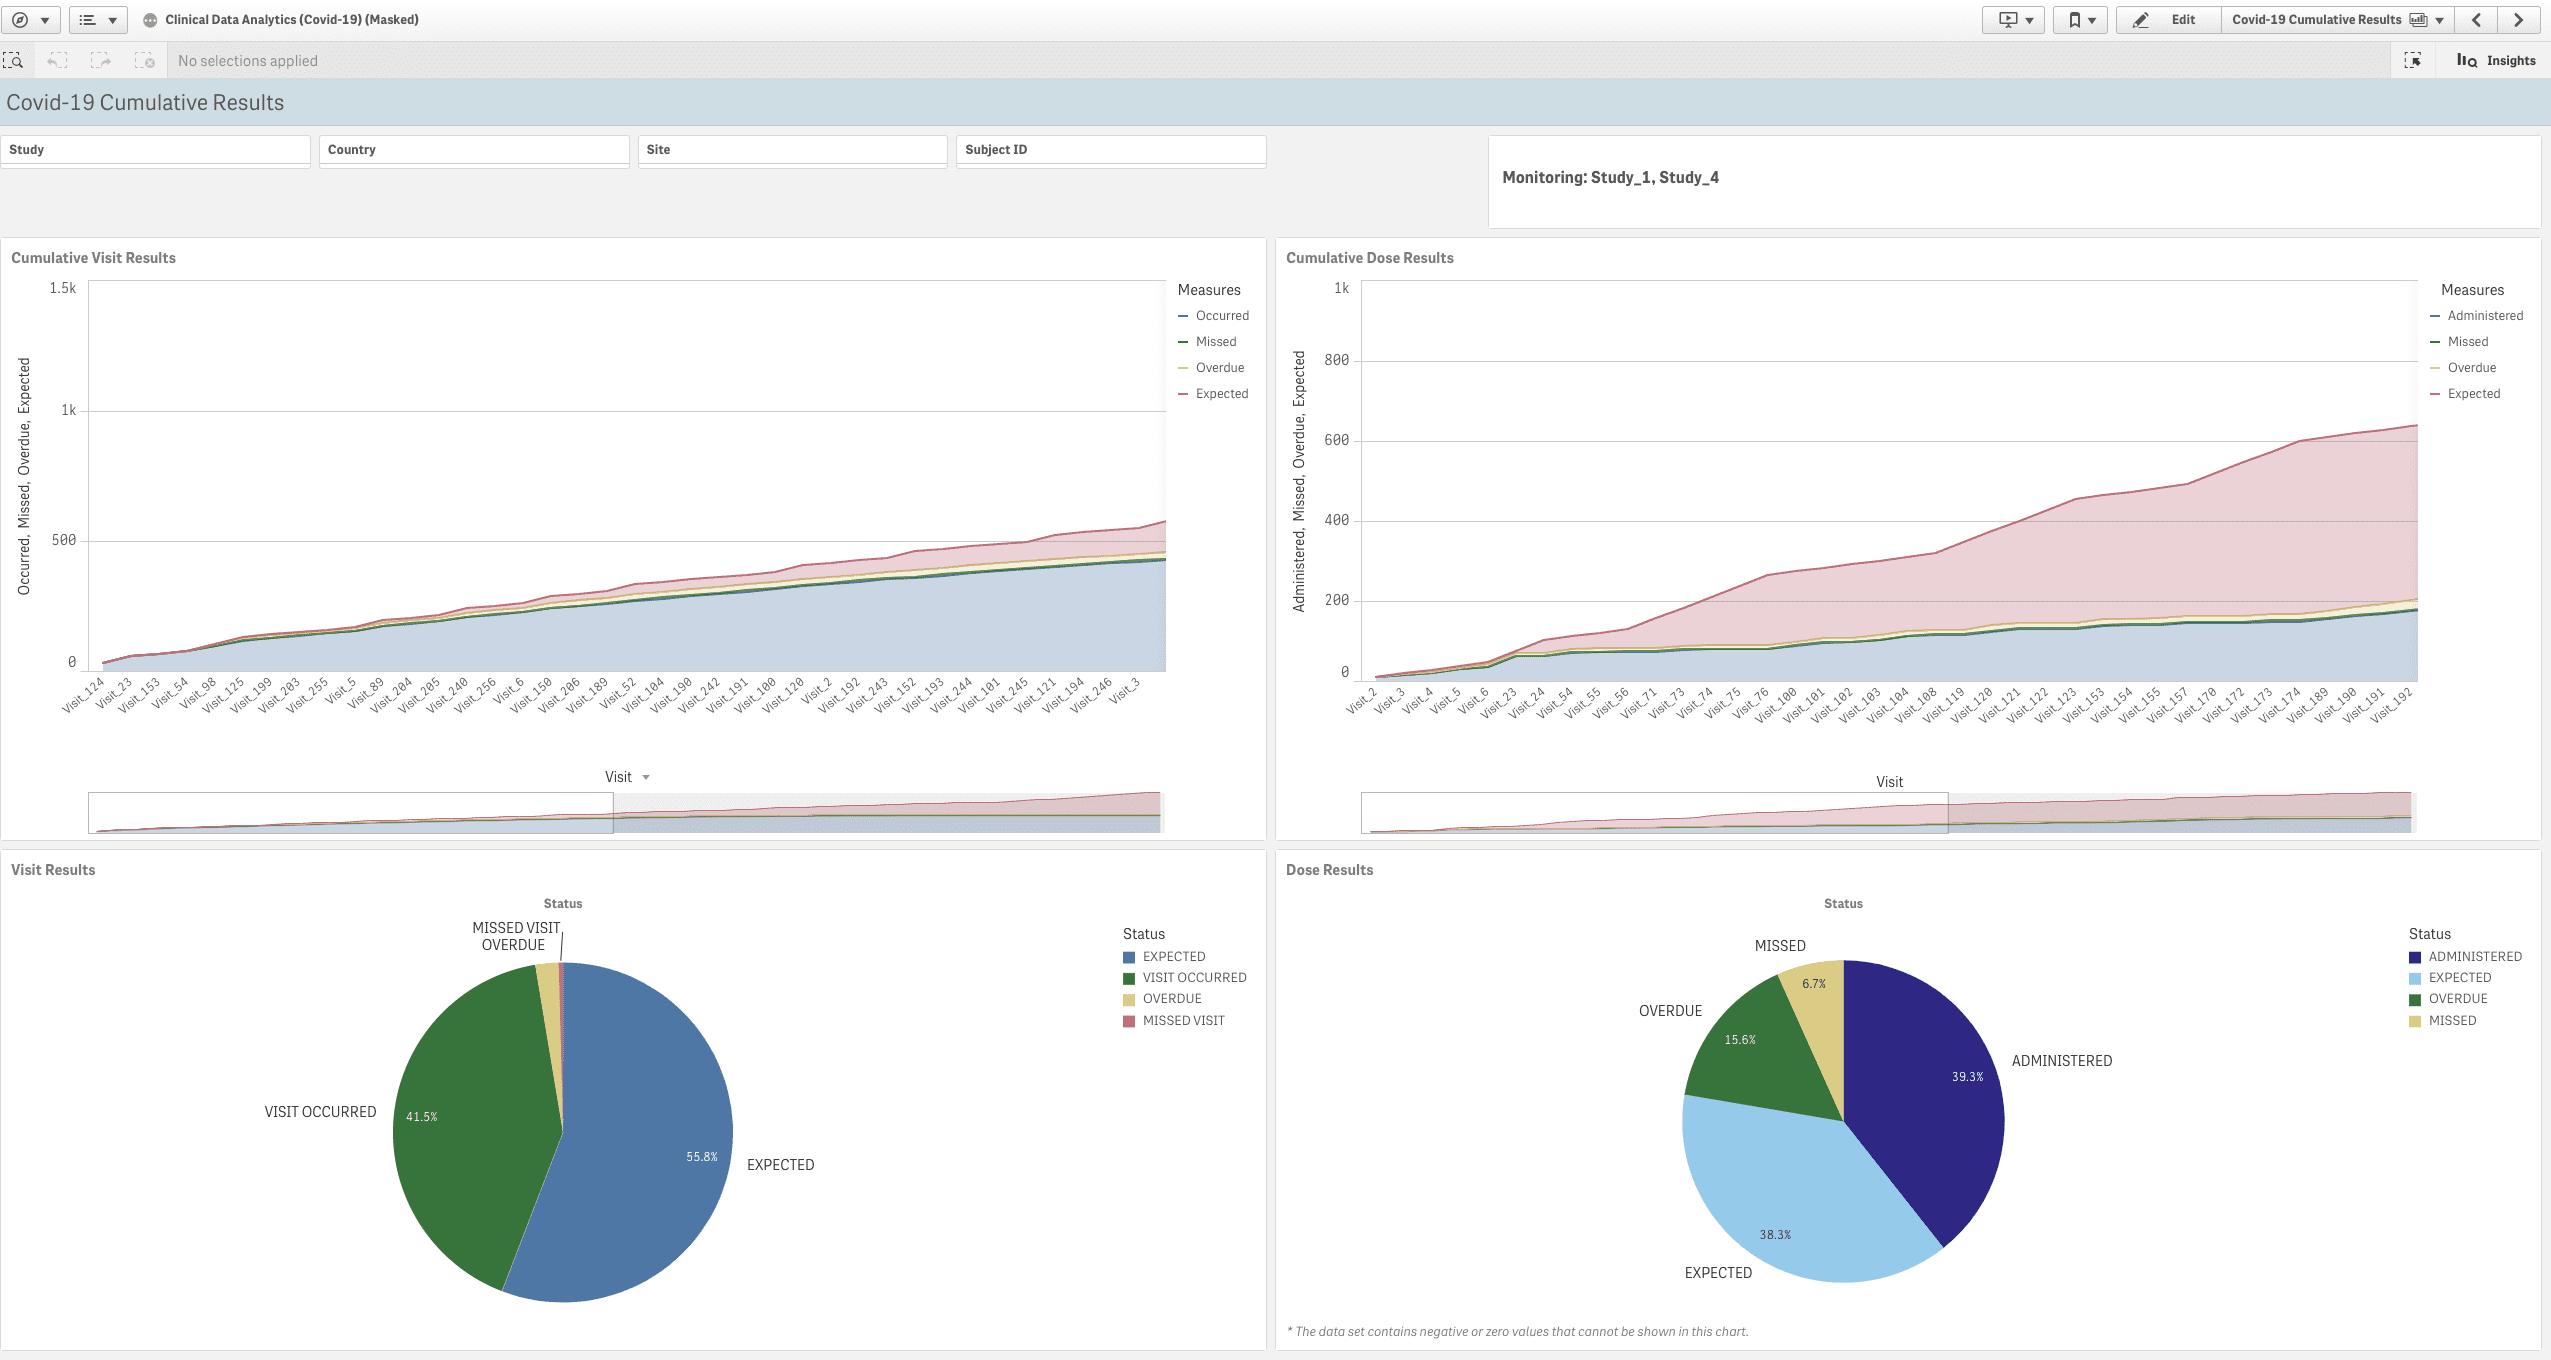 COVID-19 Cumulative Results